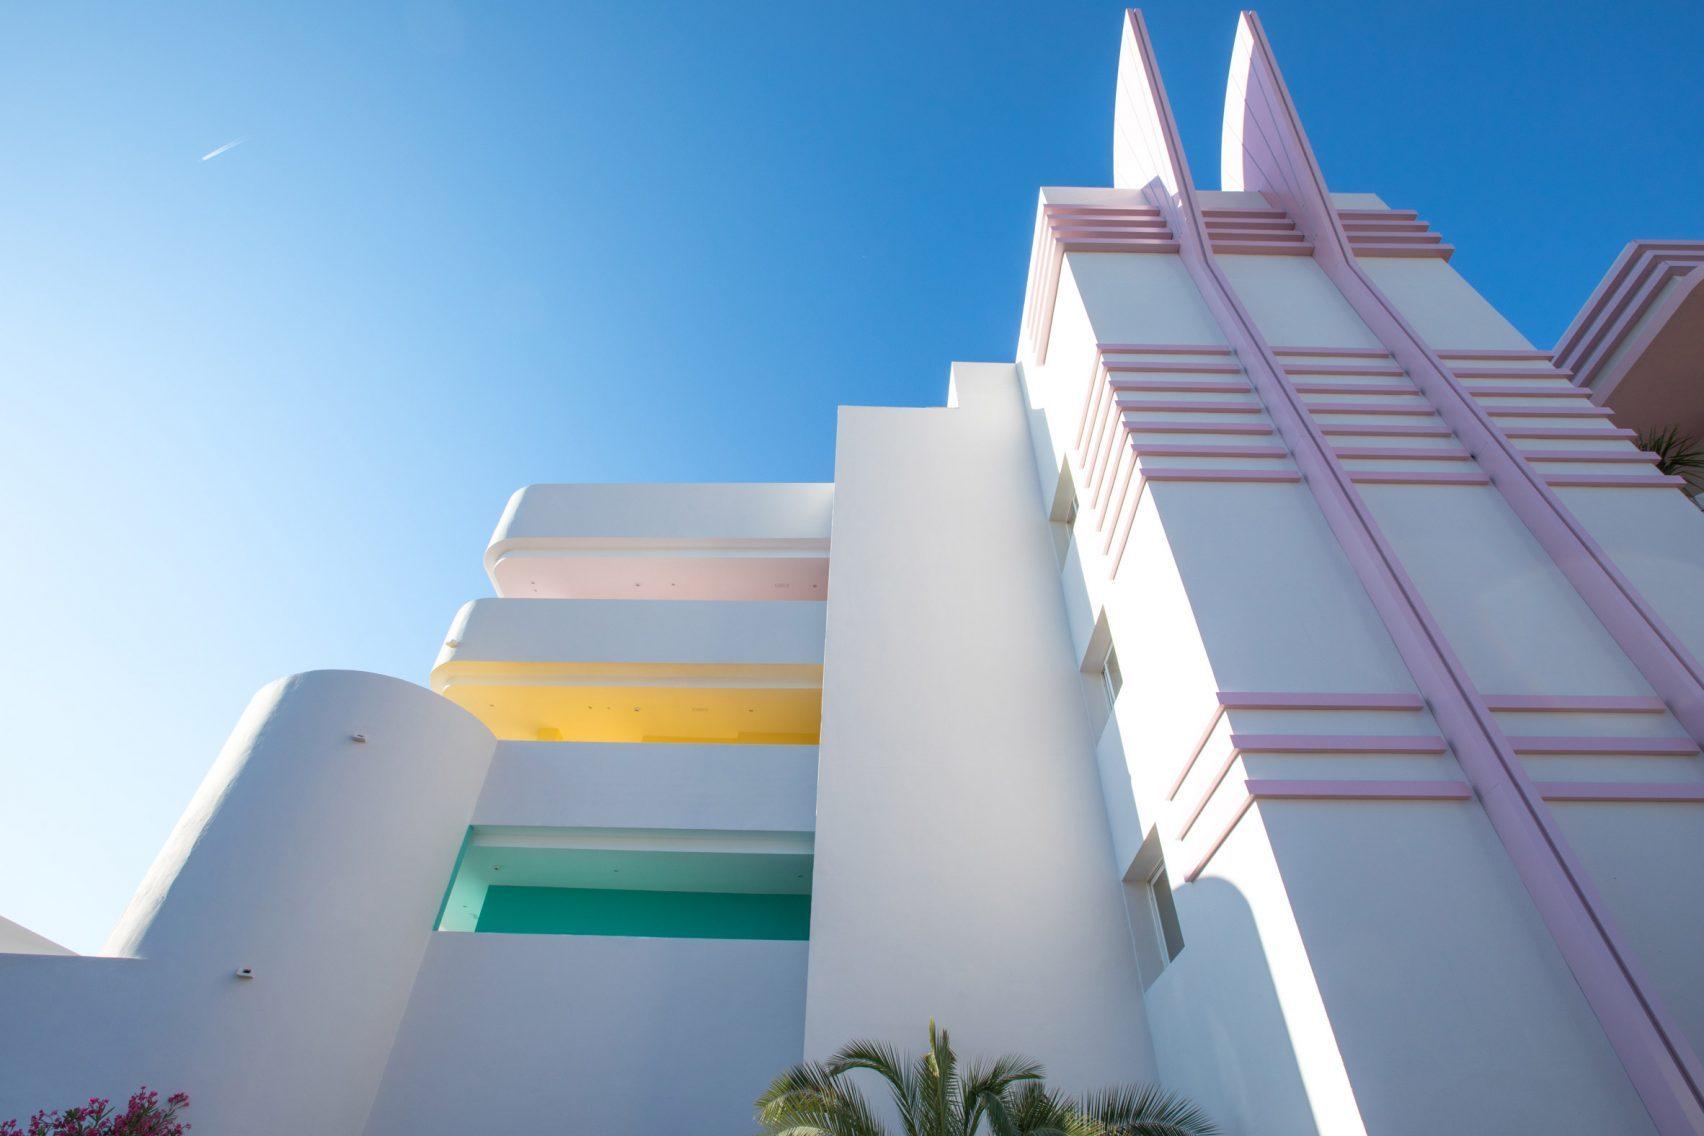 paradiso-ilmiodesign-designalive-12